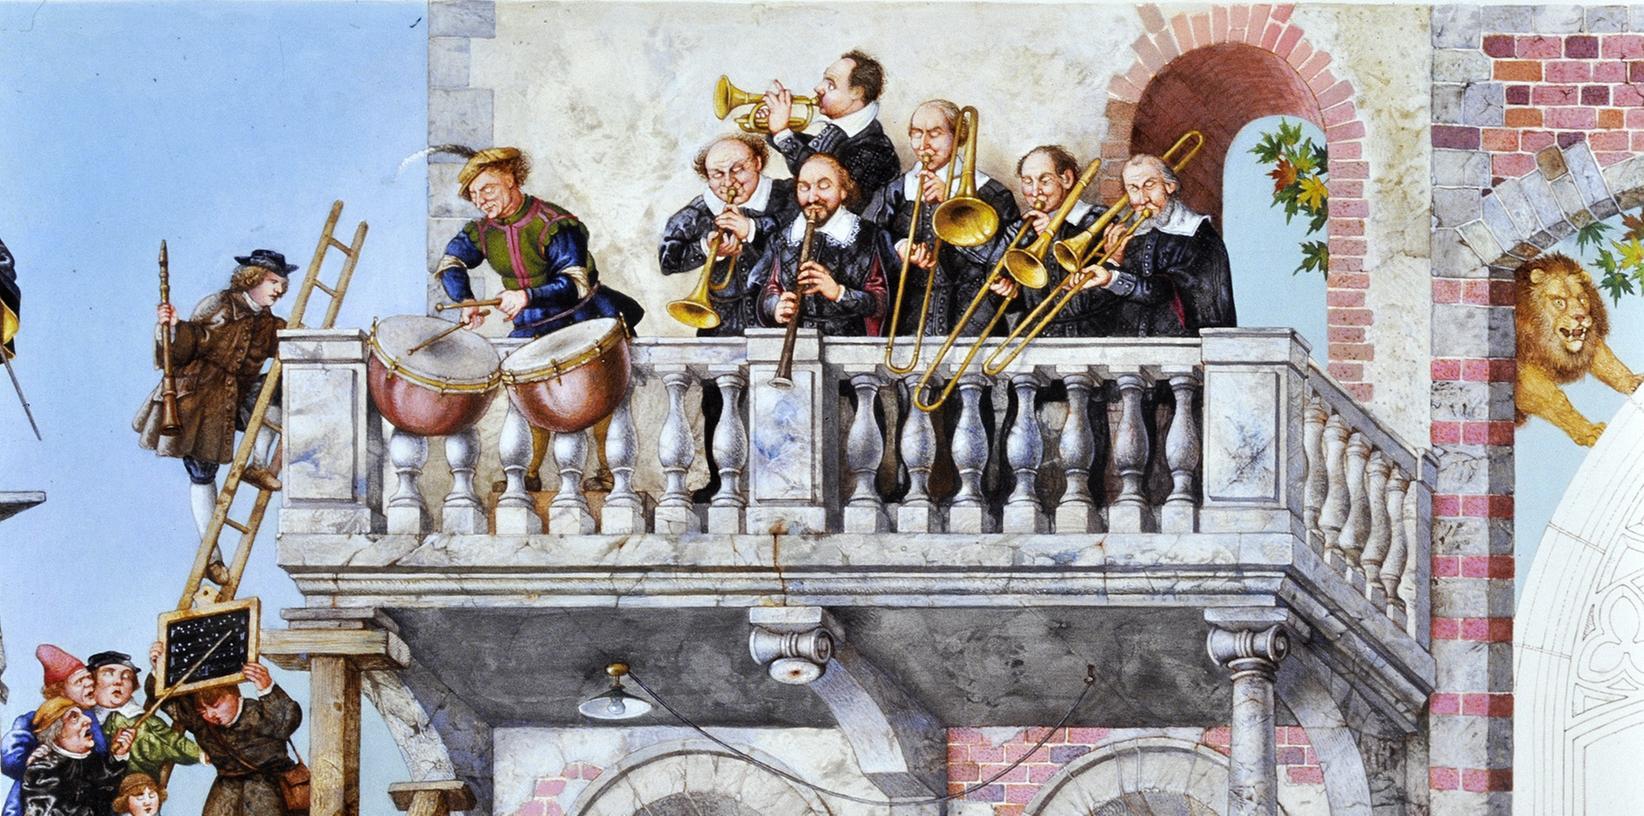 So hatte sich der Maler Michael Matthias Prechtl die moderne Ausmalung des Rathaussaals Ende der achtziger Jahre vorgestellt. Sie könnte nur in einer Dokumentation zu sehen sein.